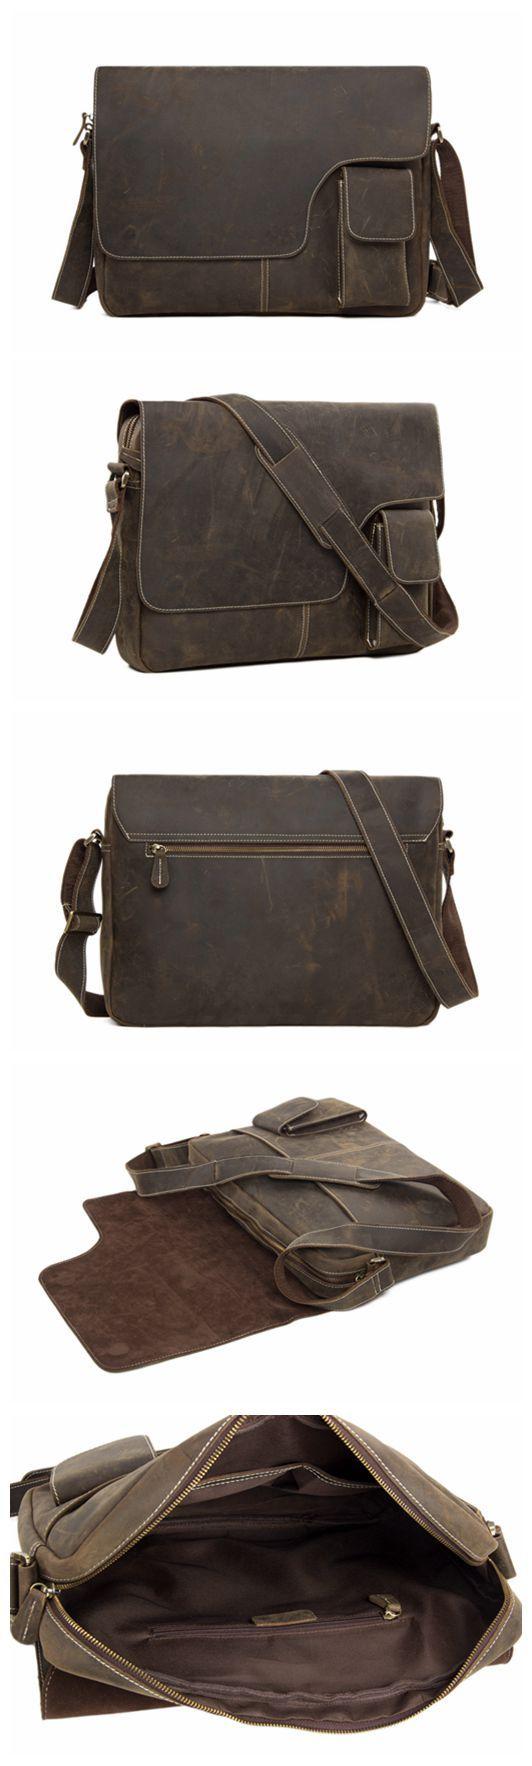 13'' Vintage Genuine Leather Messenger Bag Crossbody Bag Shoulder Bag Macbook Bag